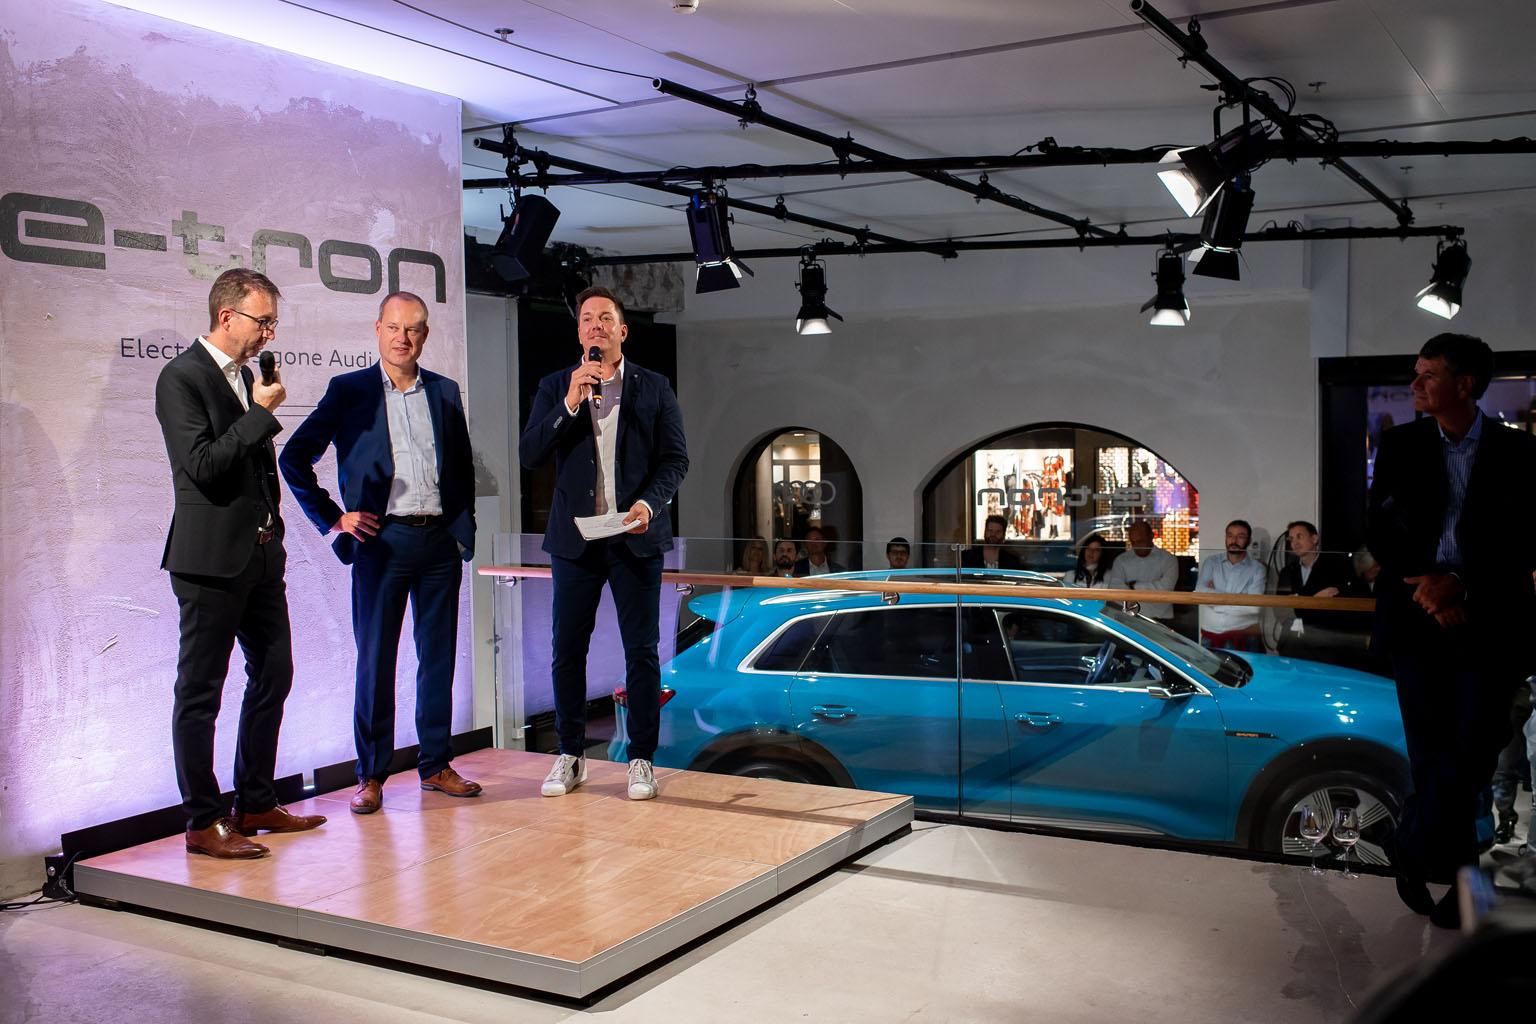 Dieter Jermann, capo del brand Audi in Svizzera, con Jens van Eikels, responsabile di Audi e-tron, e con il moderatore Sven Epiney (da sx). (Tom Lüthi)